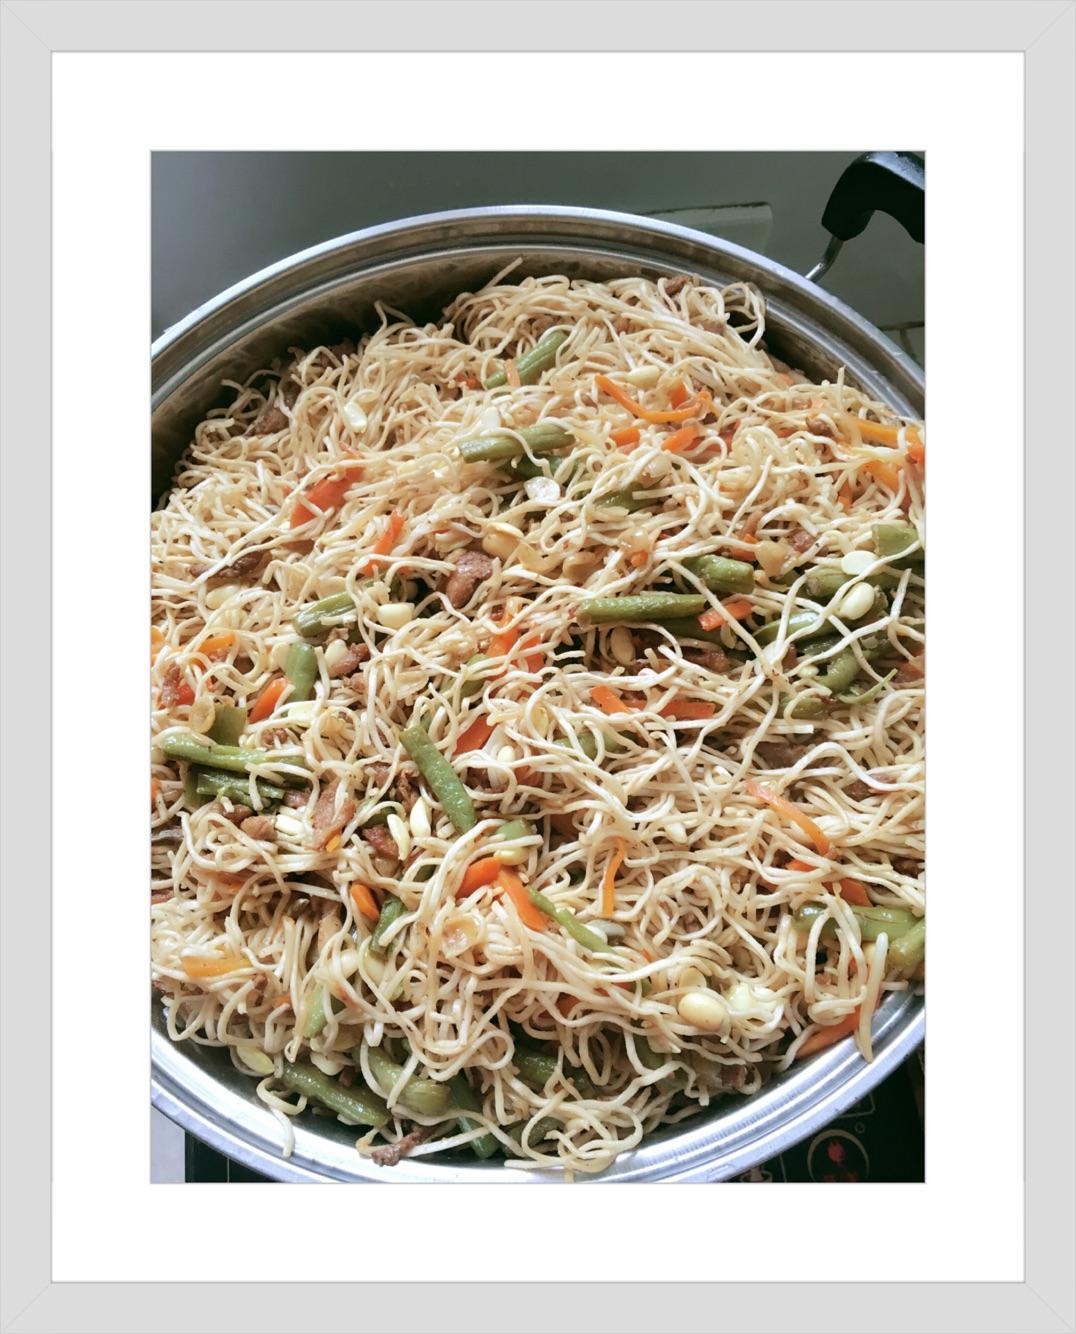 河南菜谱蒸面条的特色_做法_豆果美食减肥法食肉食谱大全图片